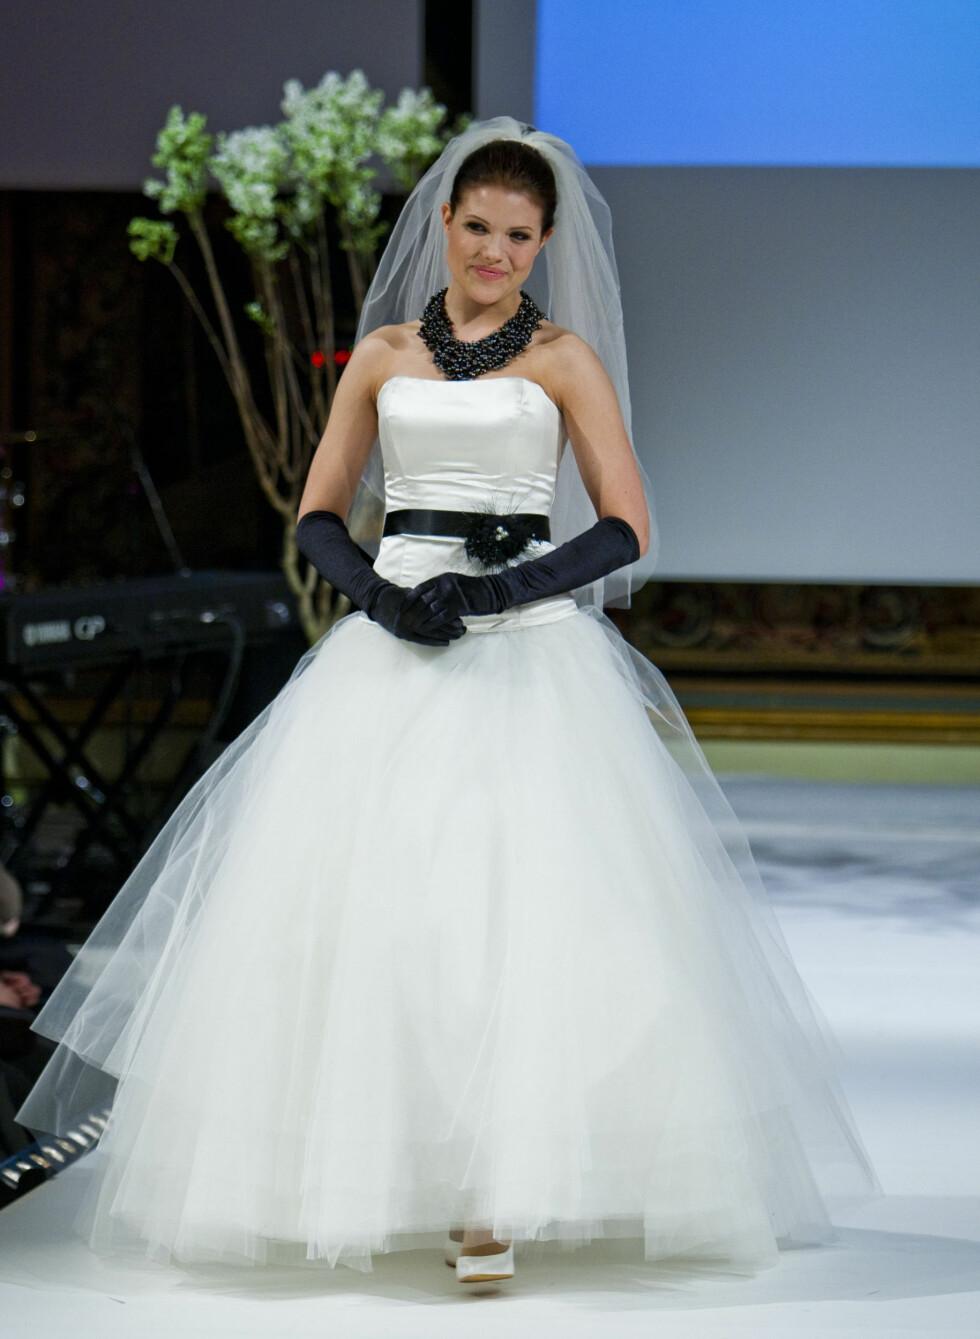 På årets bryllupsmesse på Grand Hotel hadde brudekjolene enkelte detaljer som var litt utenom det vanlige. Foto: Per Ervland